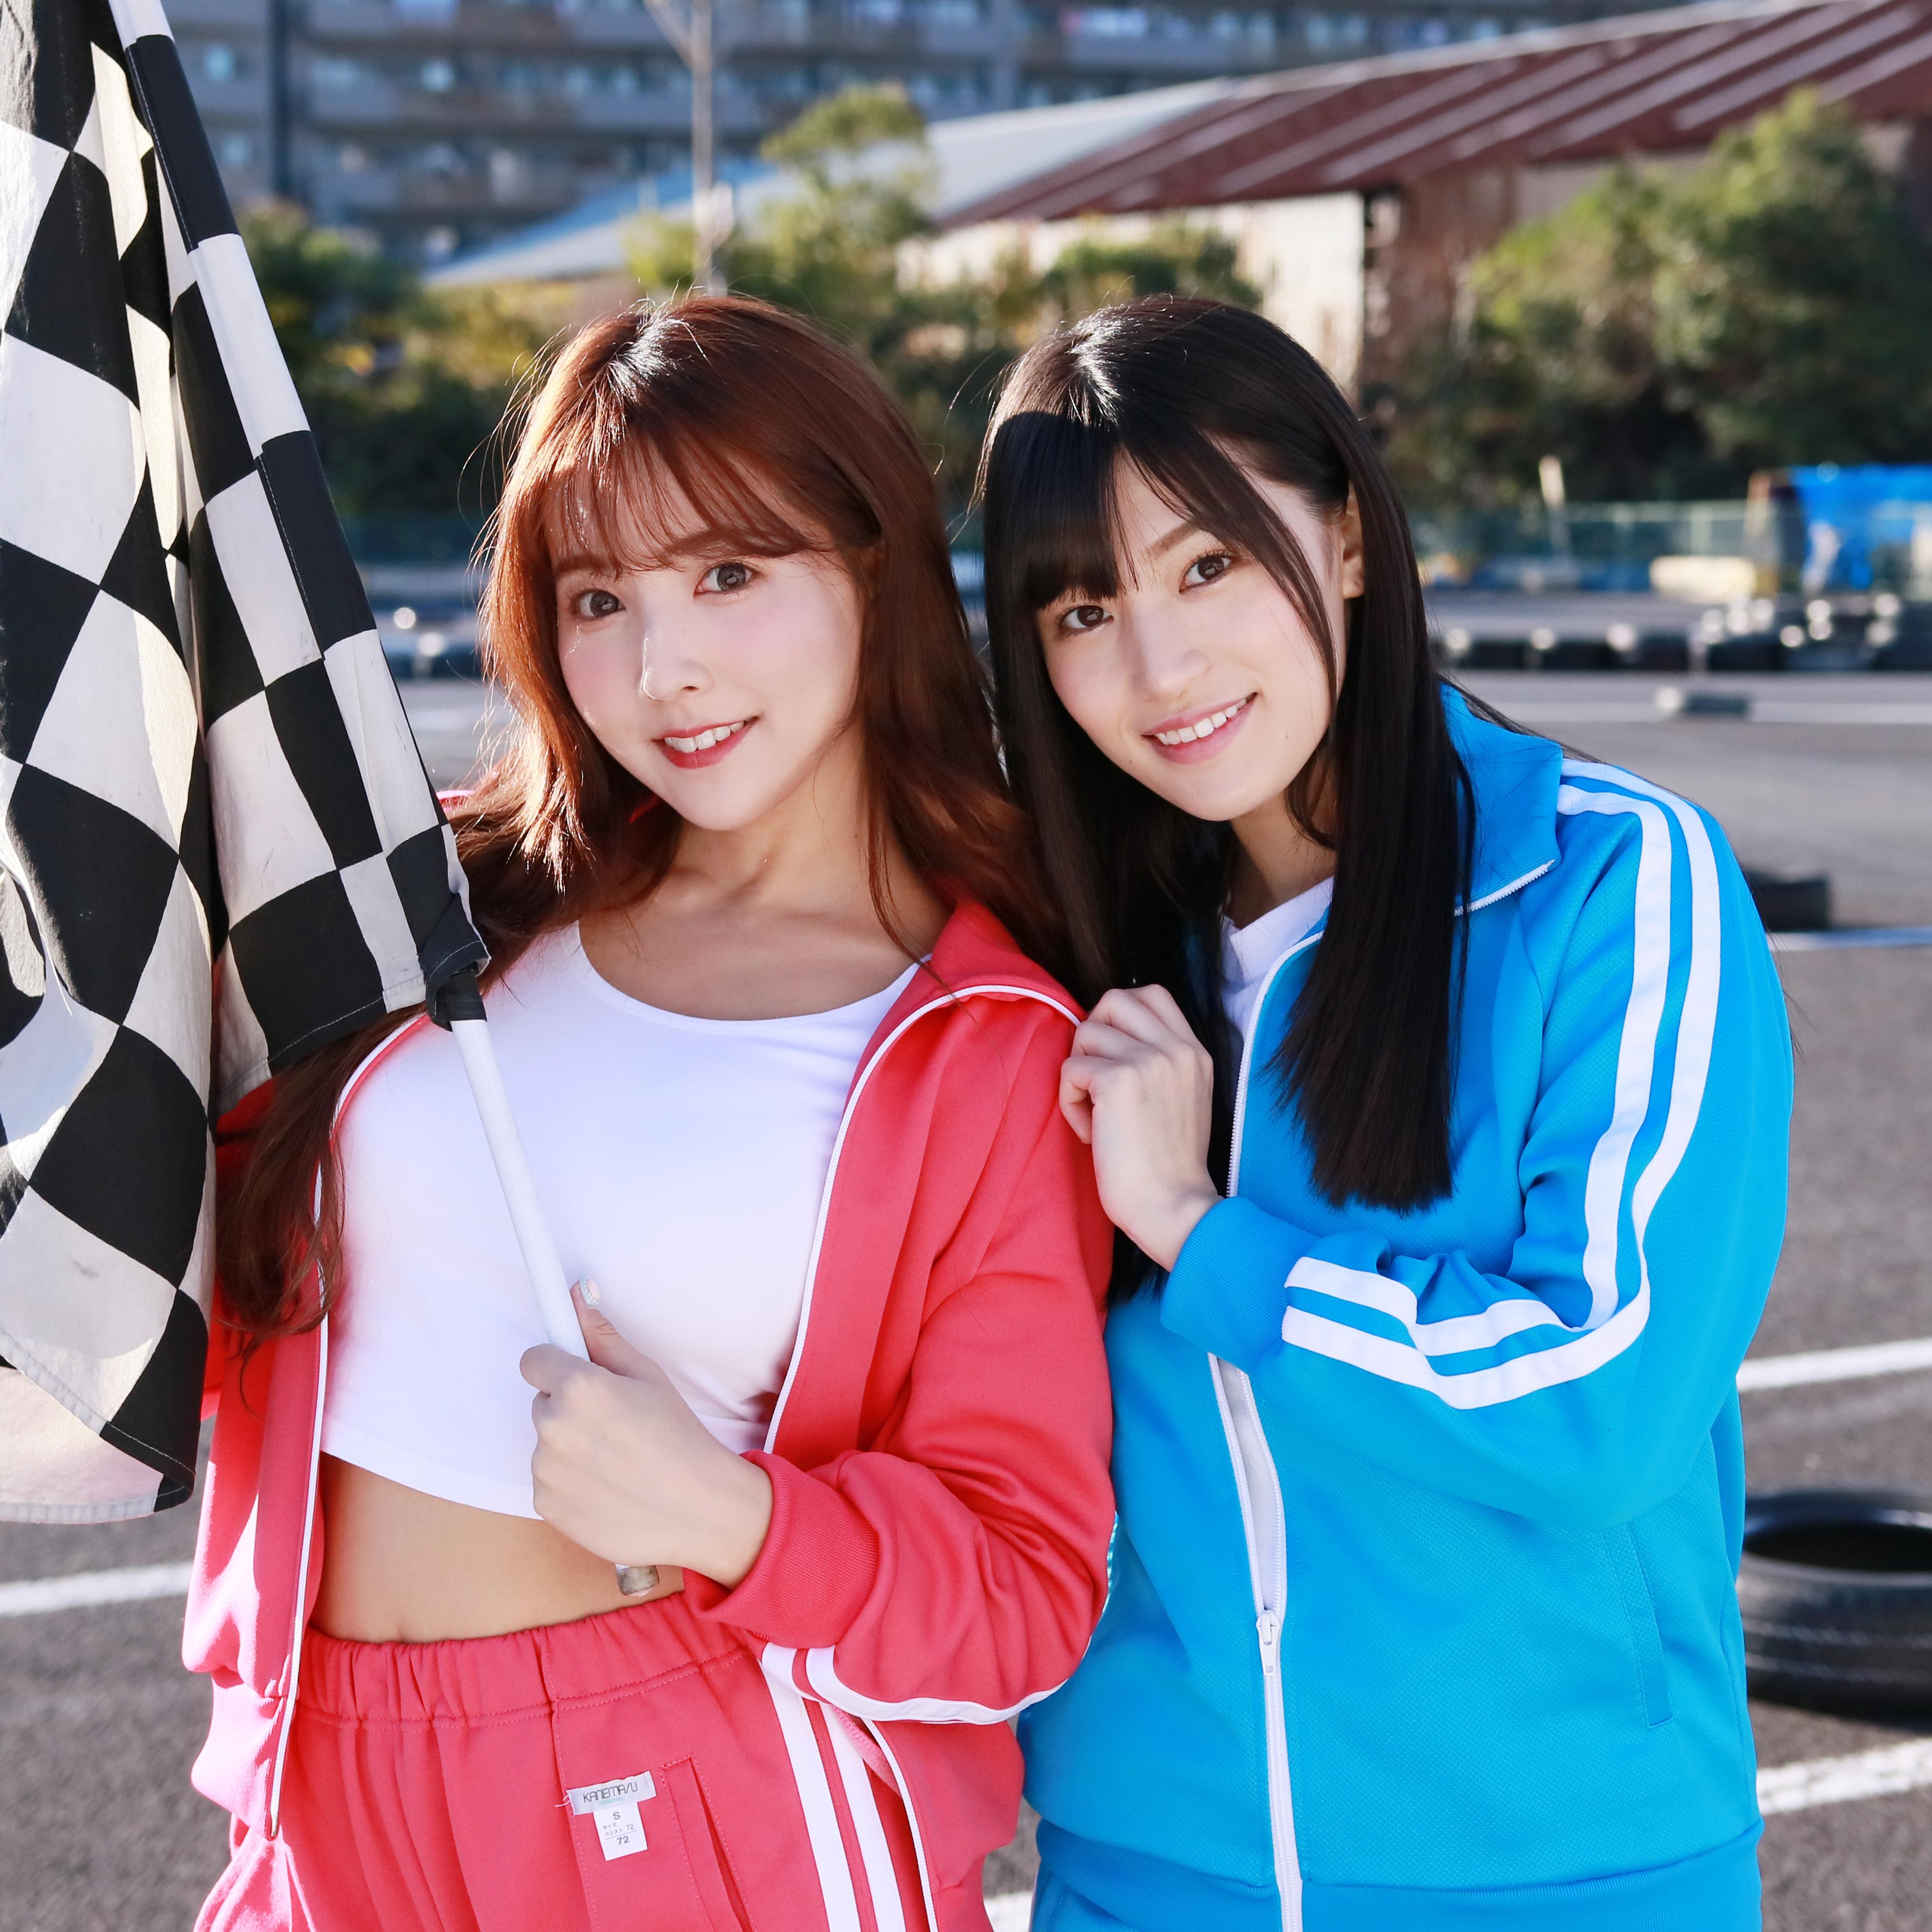 高橋しょう子と三上悠亜のSHOW YOUR ROCKETS #29